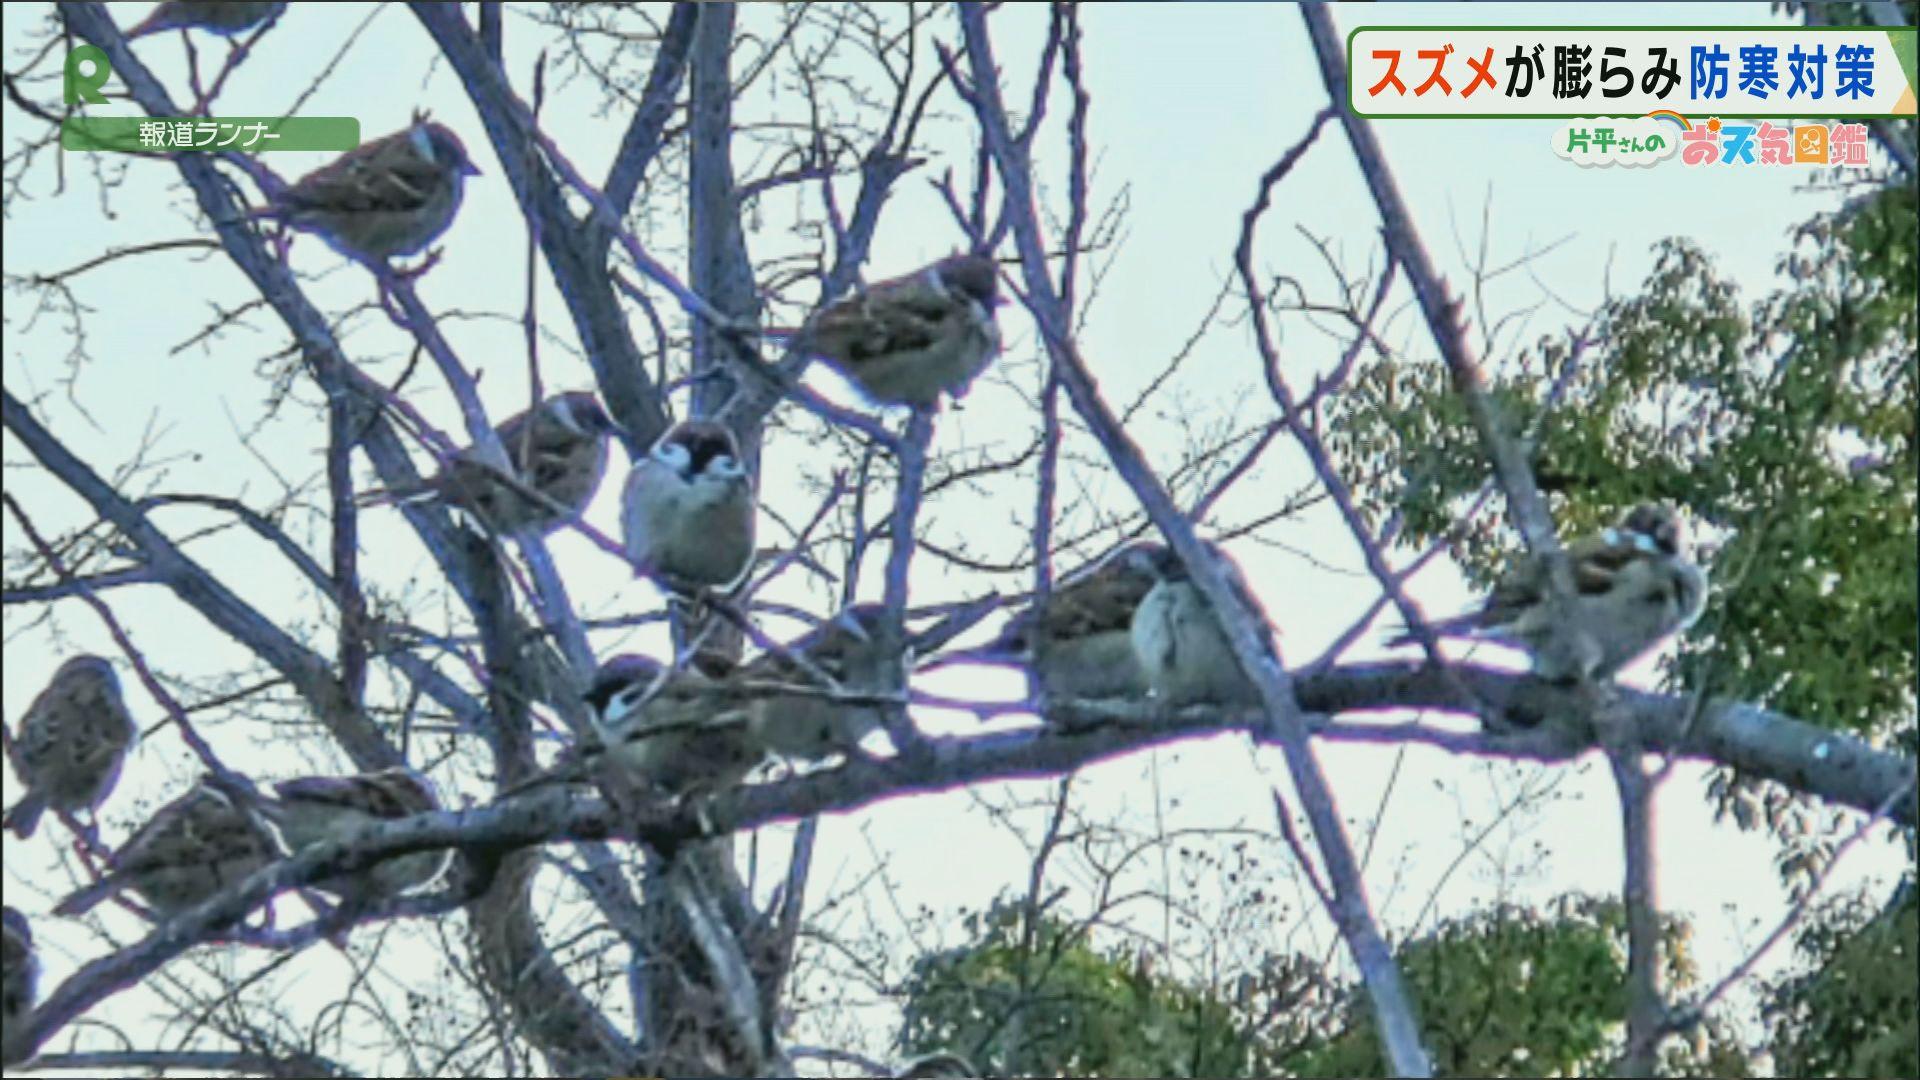 「まん丸!ふくらすずめ」(大阪城公園)